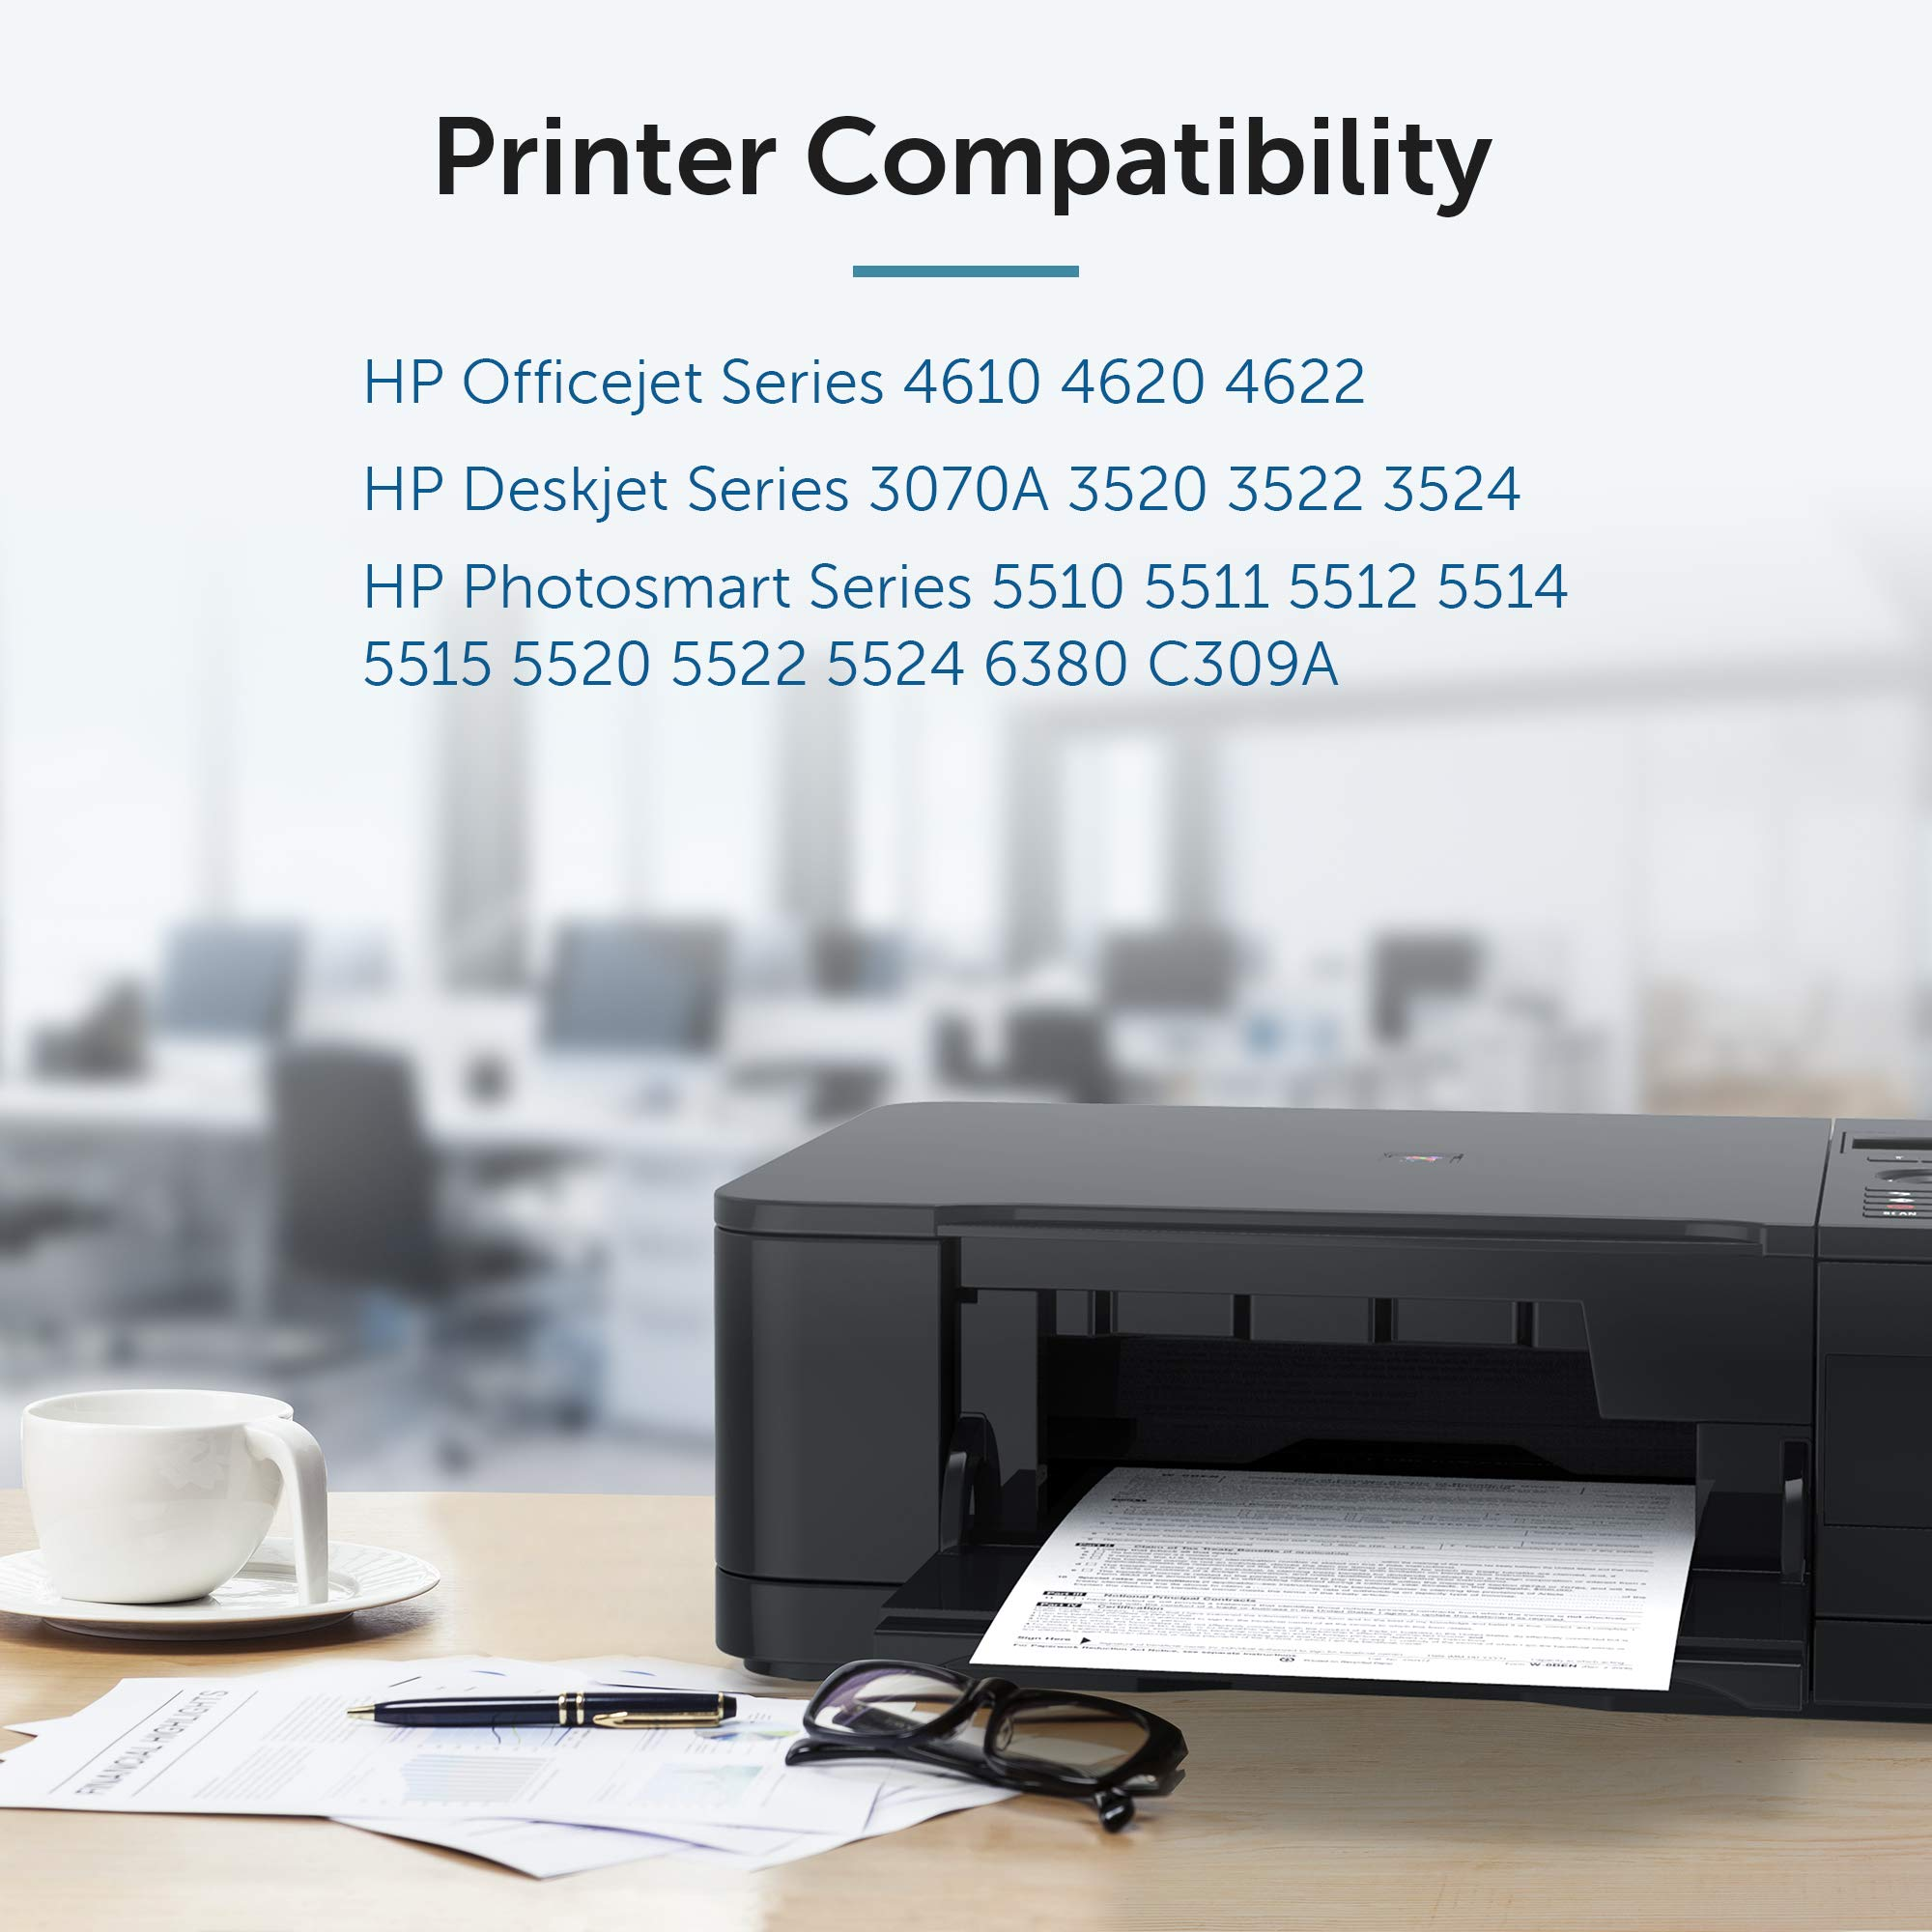 OfficeWorld 364XL cartuchos Reemplazo para HP 364 XL cartuchos de tinta Compatible para HP Photosmart 5520 7510 5510 7520 5522 5524, HP Officejet 4620 4622, HP Deskjet 3520 3070A 4 Negro: Amazon.es: Oficina y papelería